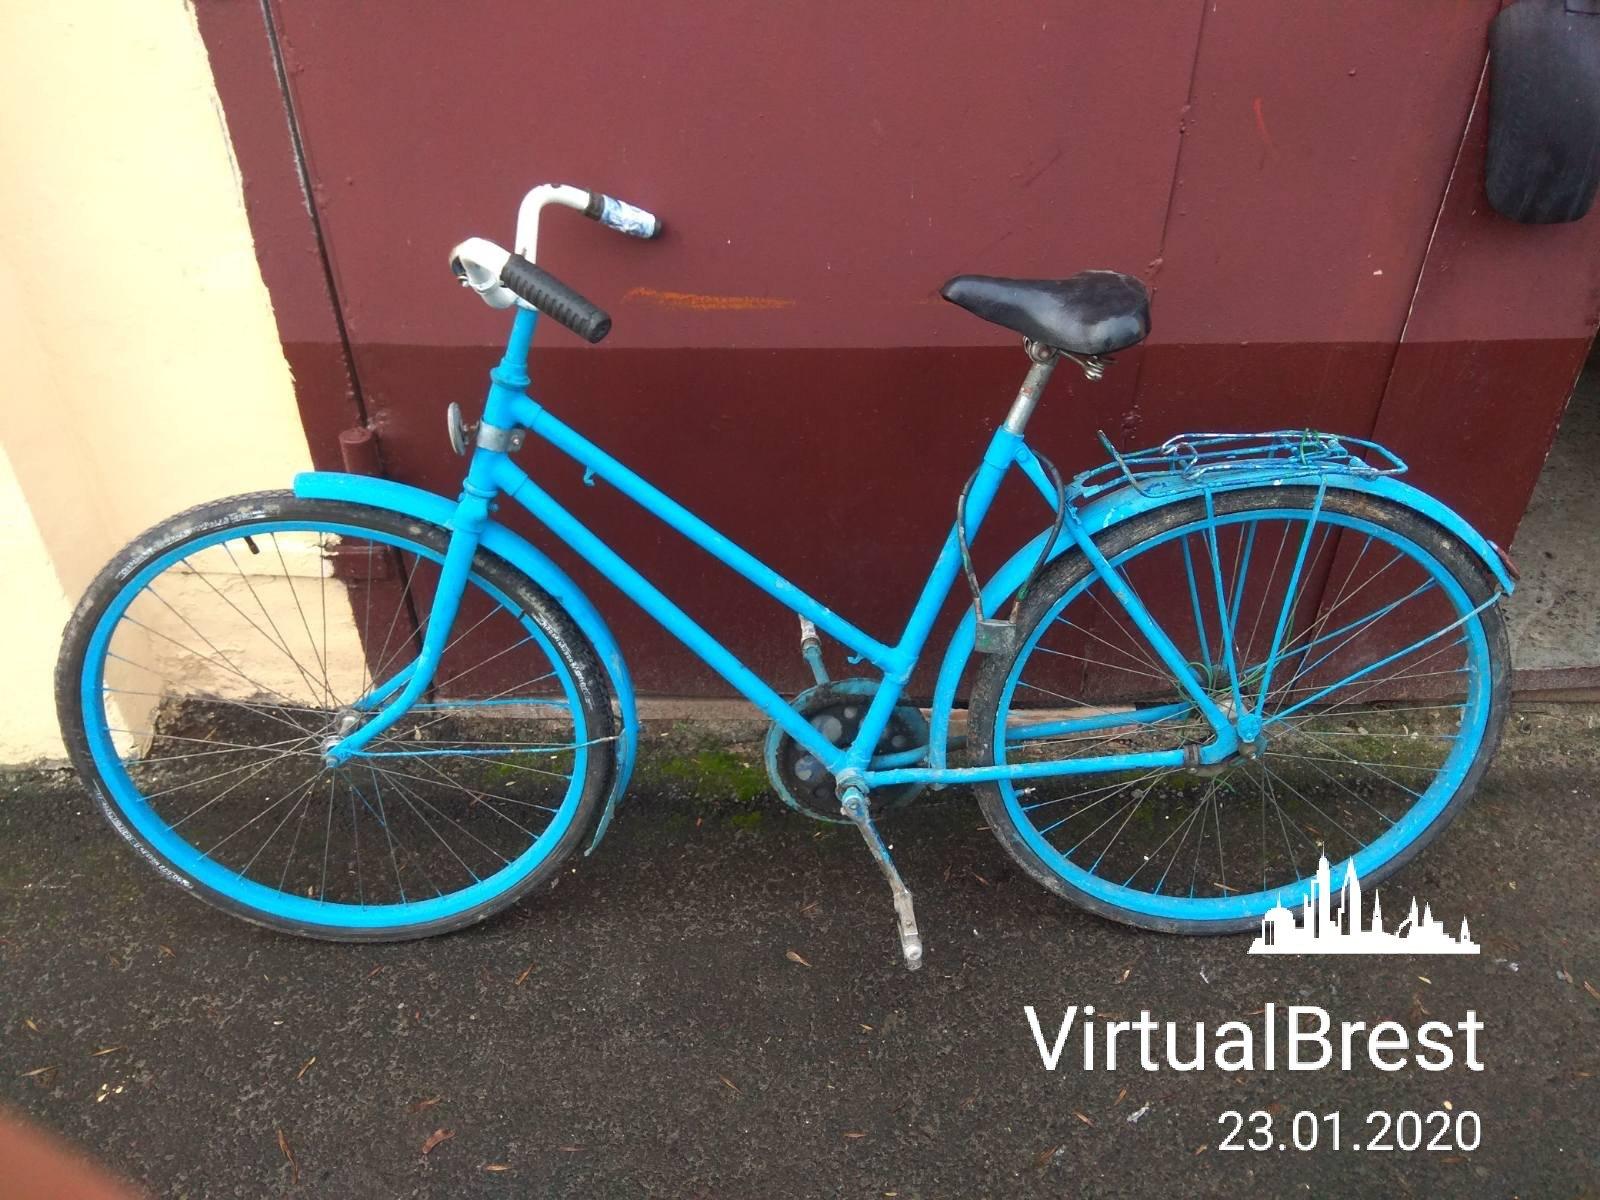 В микрорайоне Речица нашли велосипед «Аист» синего цвета. Милиция ищет владельца